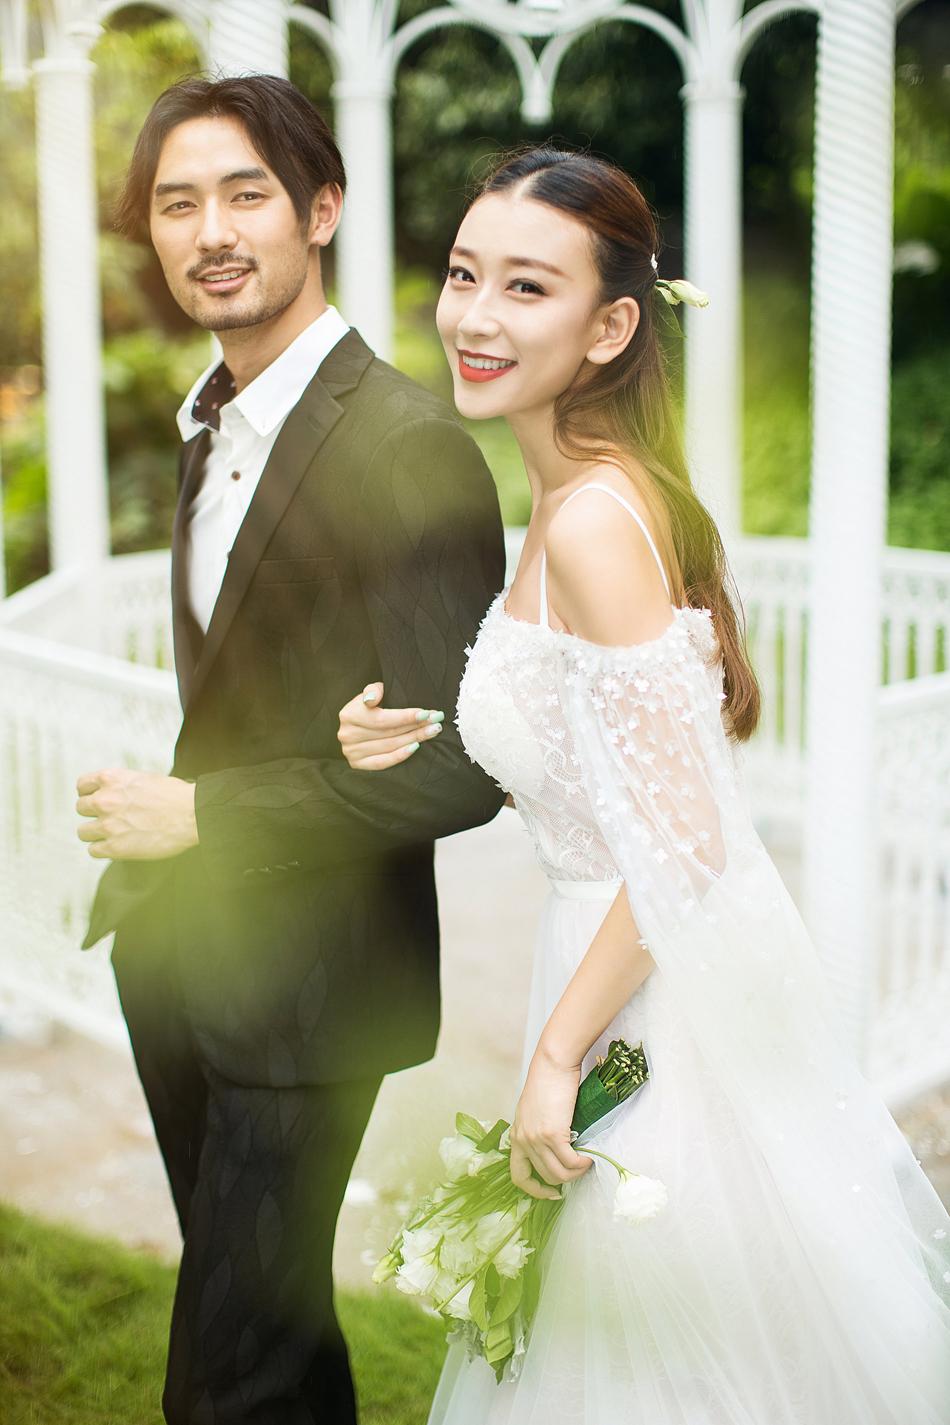 东莞婚纱摄影龙凤山庄